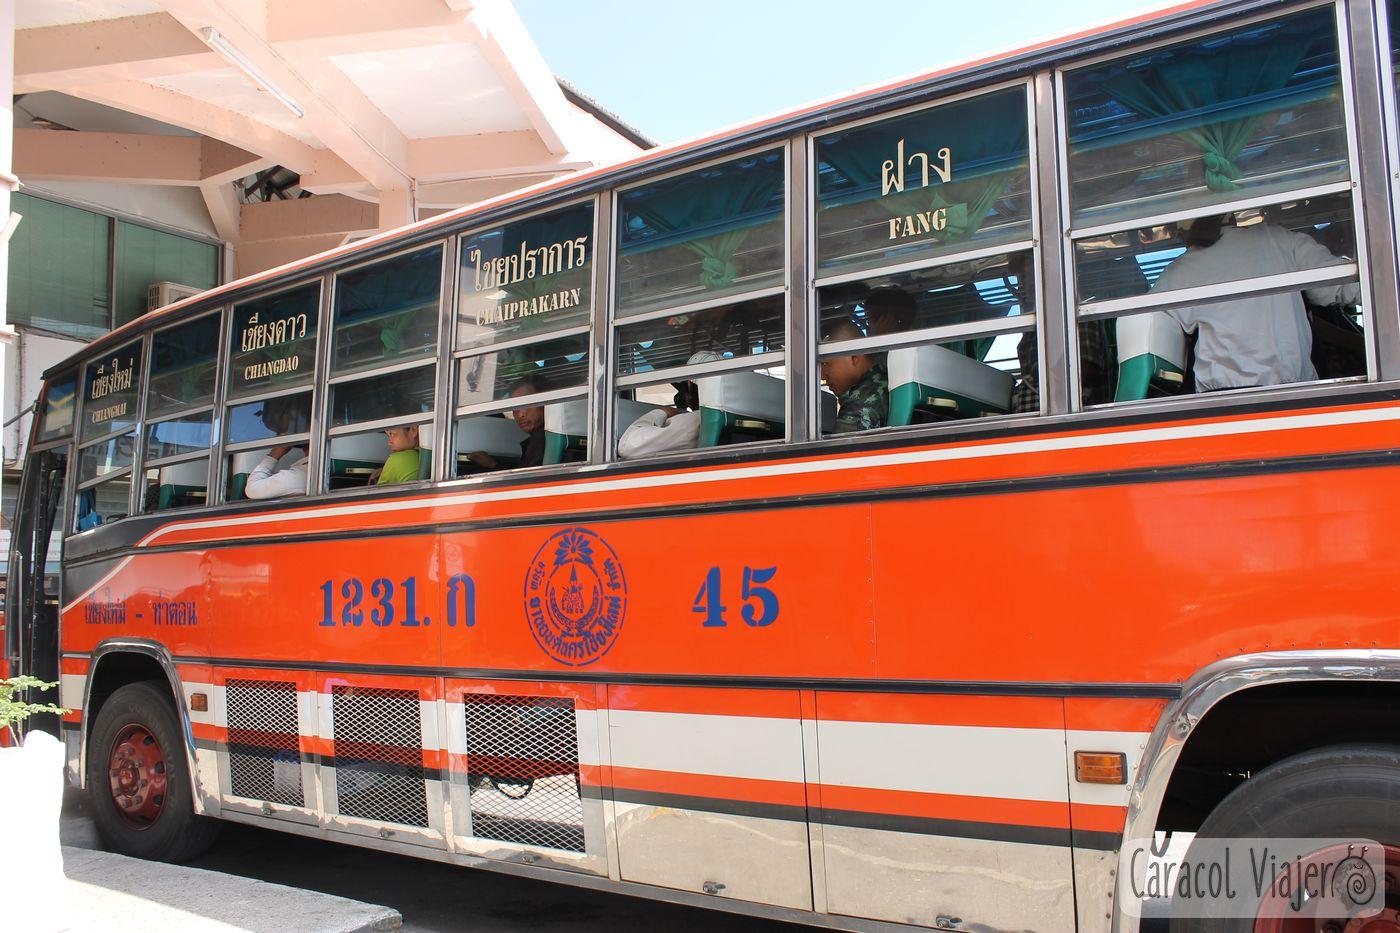 Autobuses en Tailandia qué hacer en Tailandia